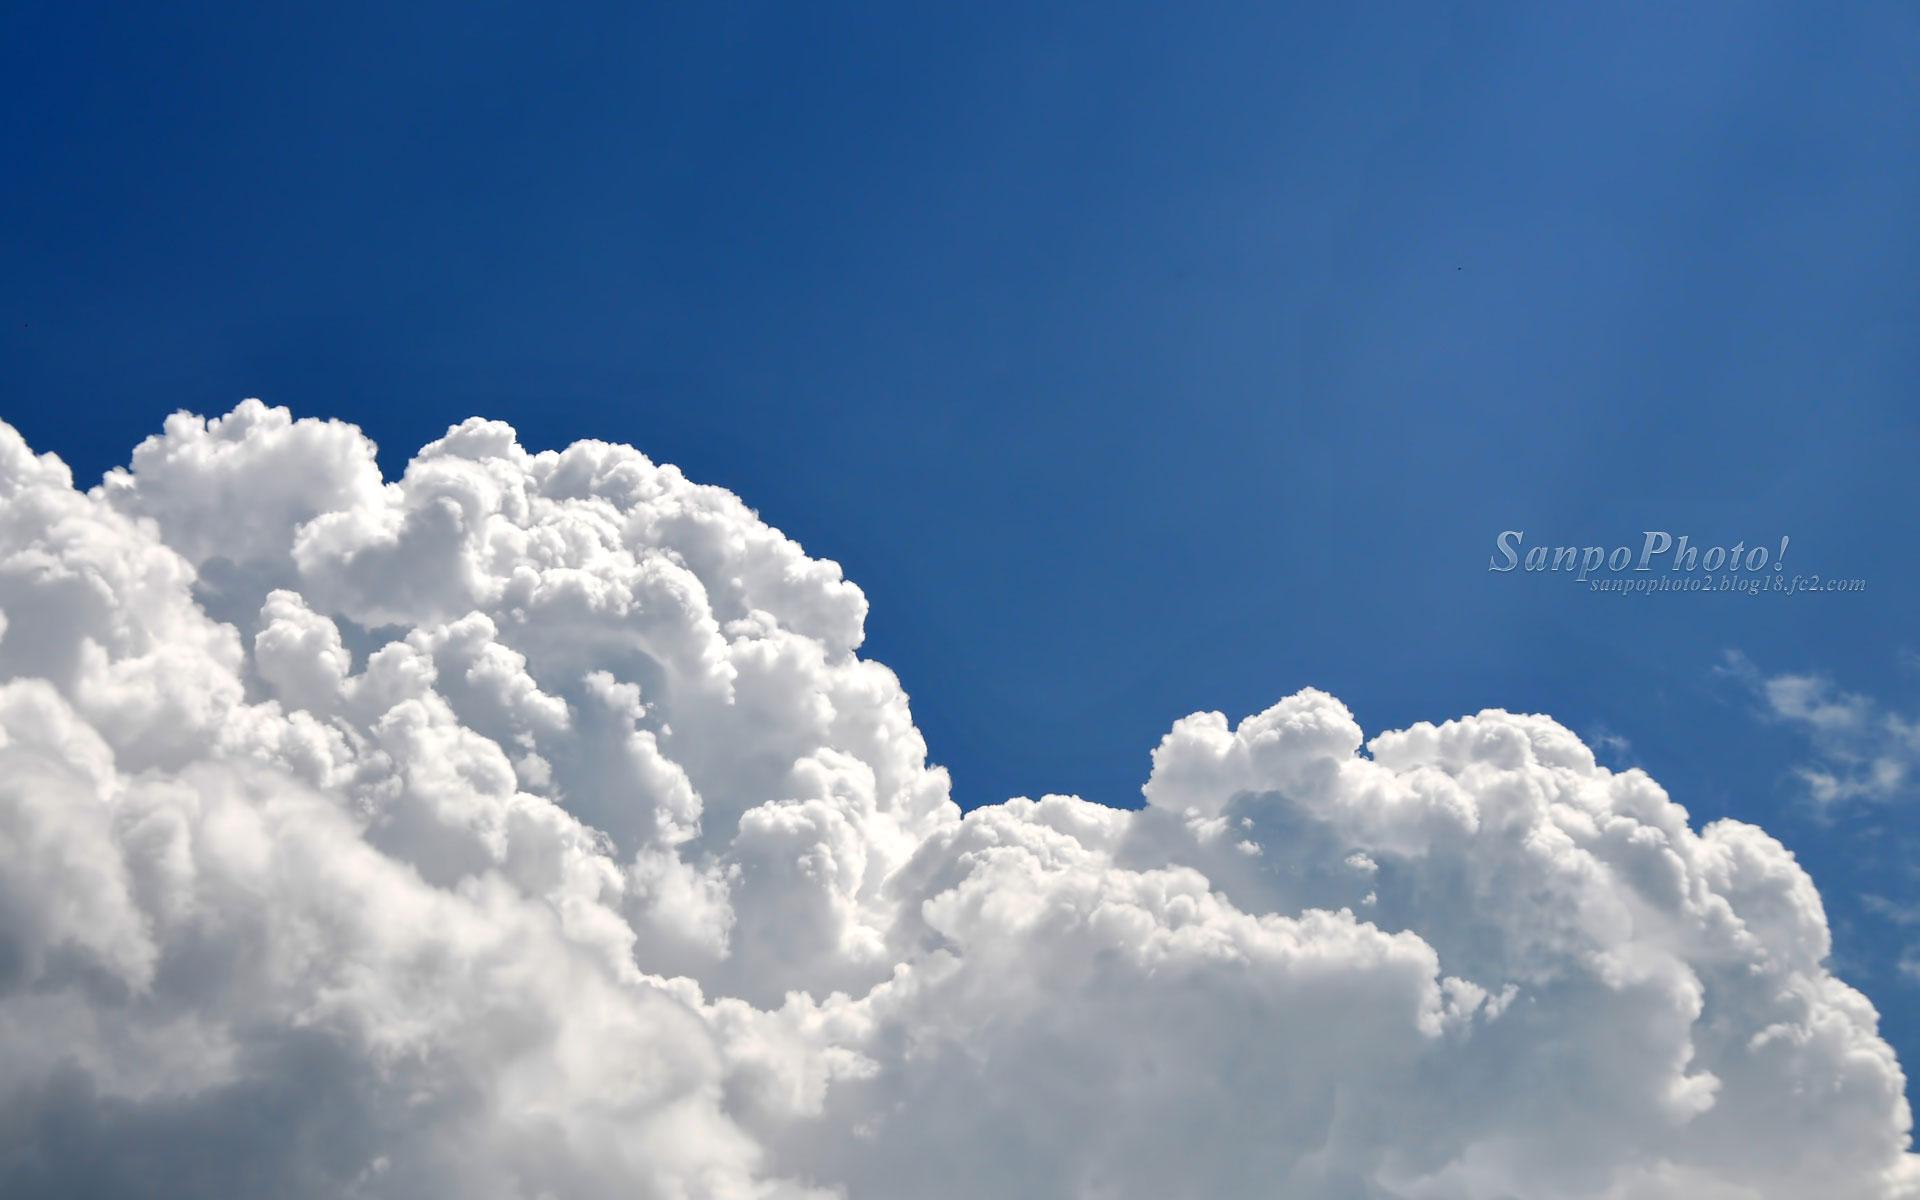 さんぽふぉと Sanpophoto 無料壁紙 梅雨の入道雲